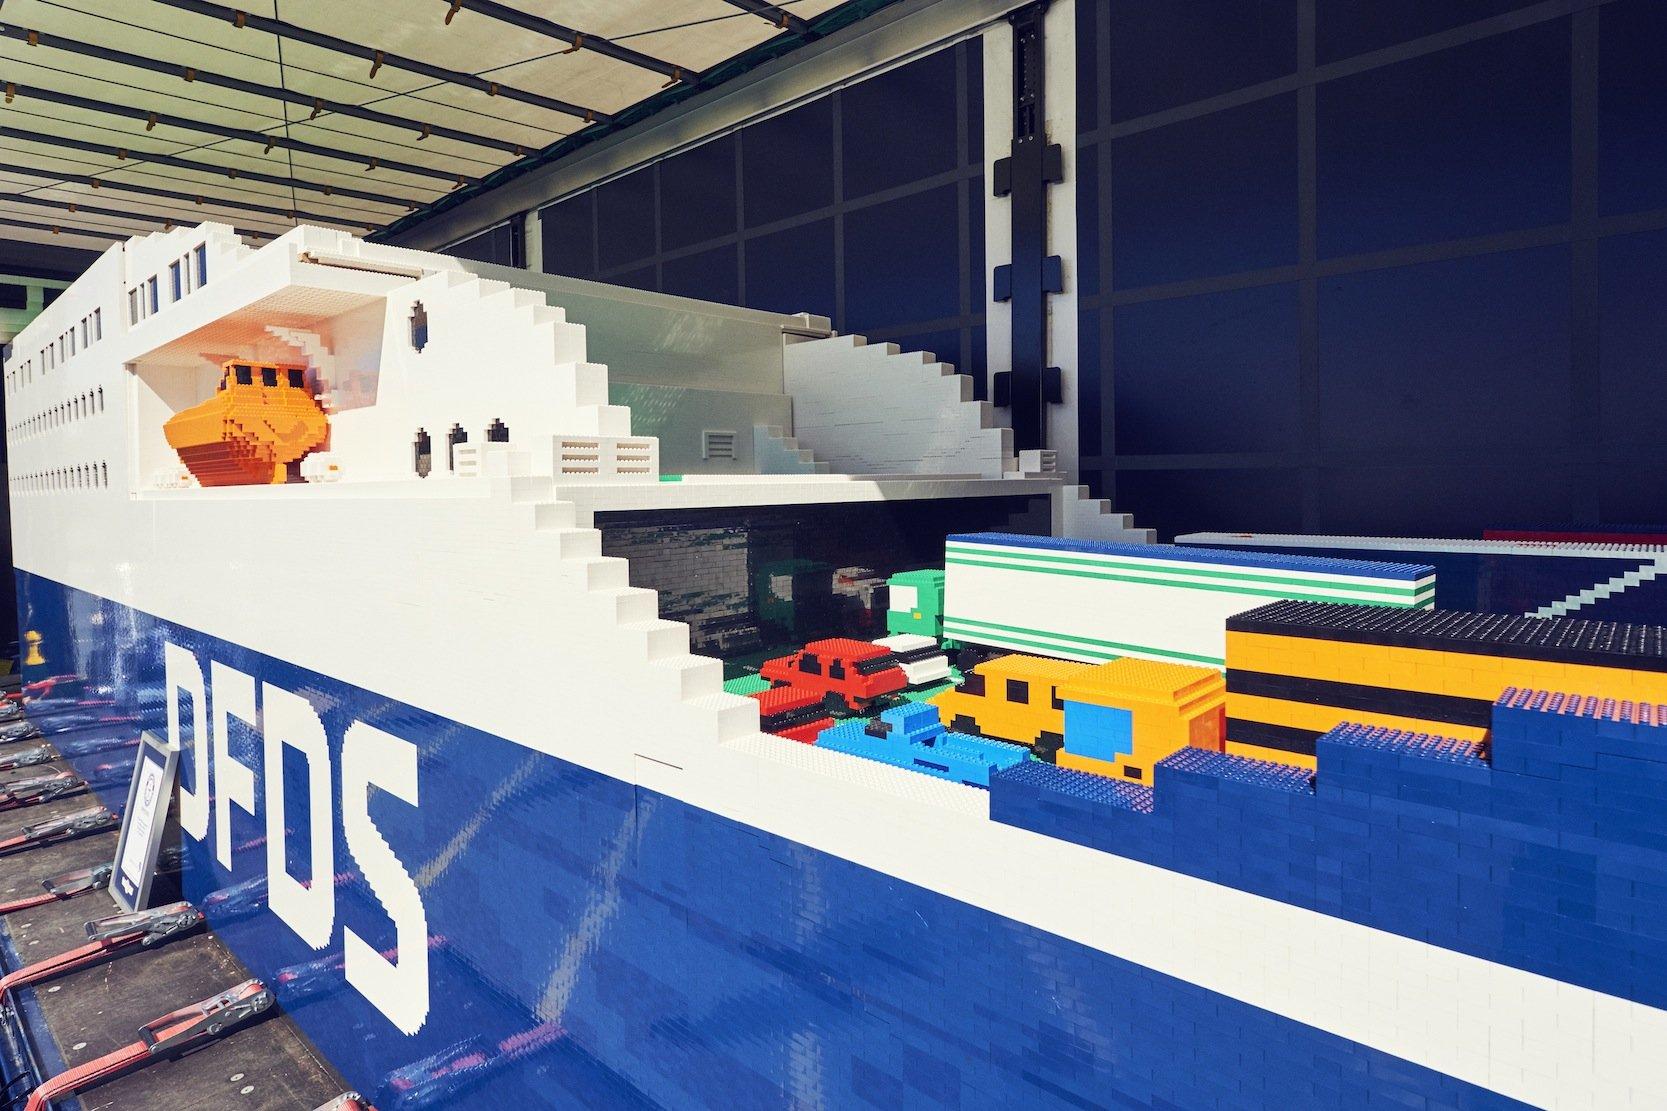 Mitarbeiter der dänischen Fähr-Reederei DFDS haben 900 Arbeitsstunden in den Bau des Lego-Schiffes investiert.